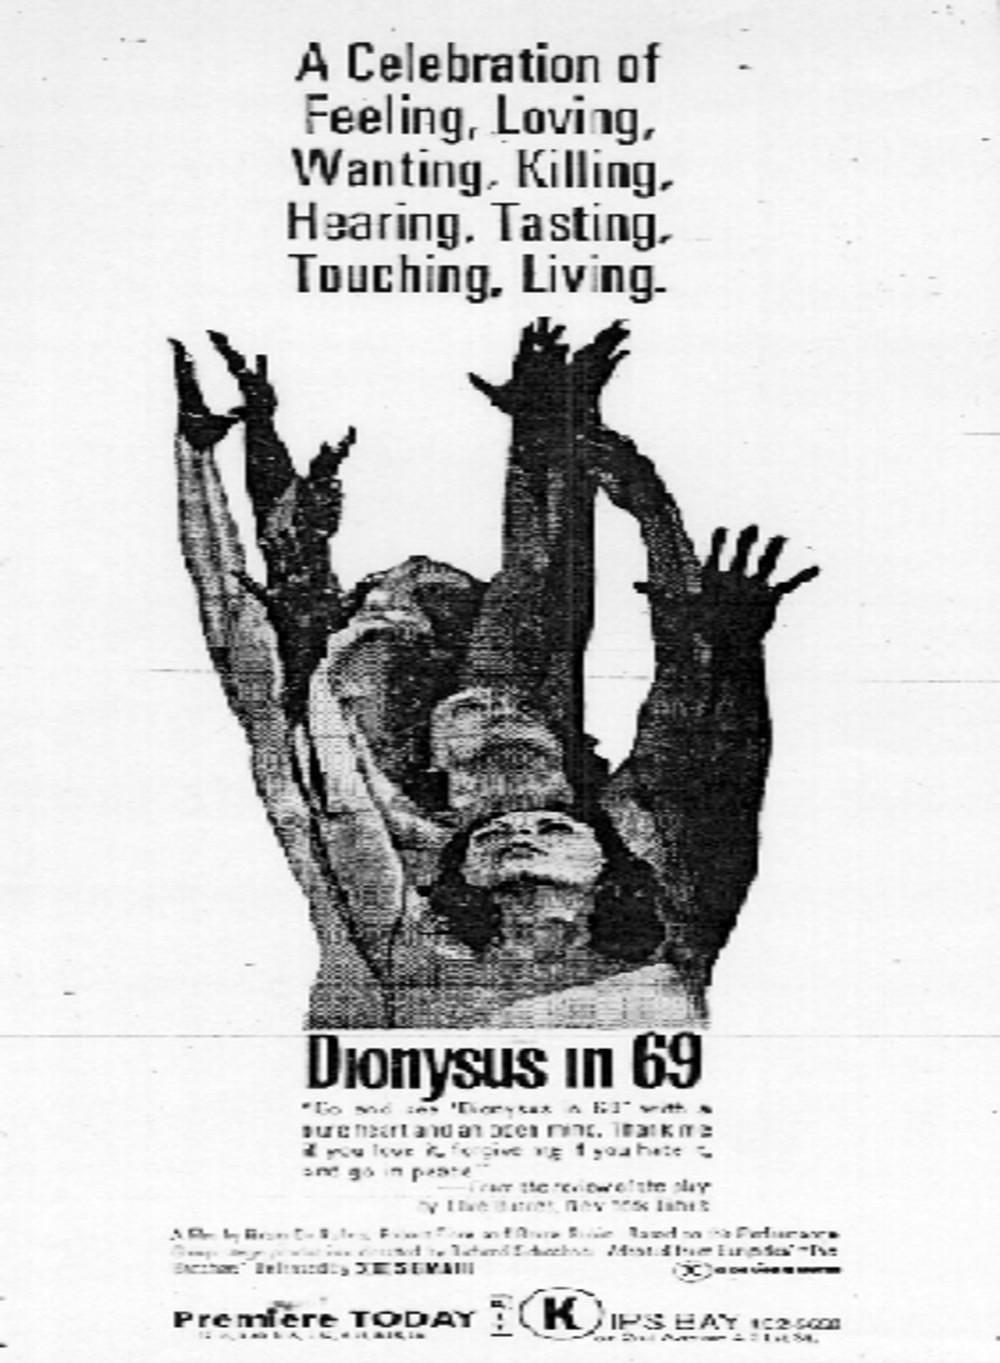 狄俄尼索斯在69年